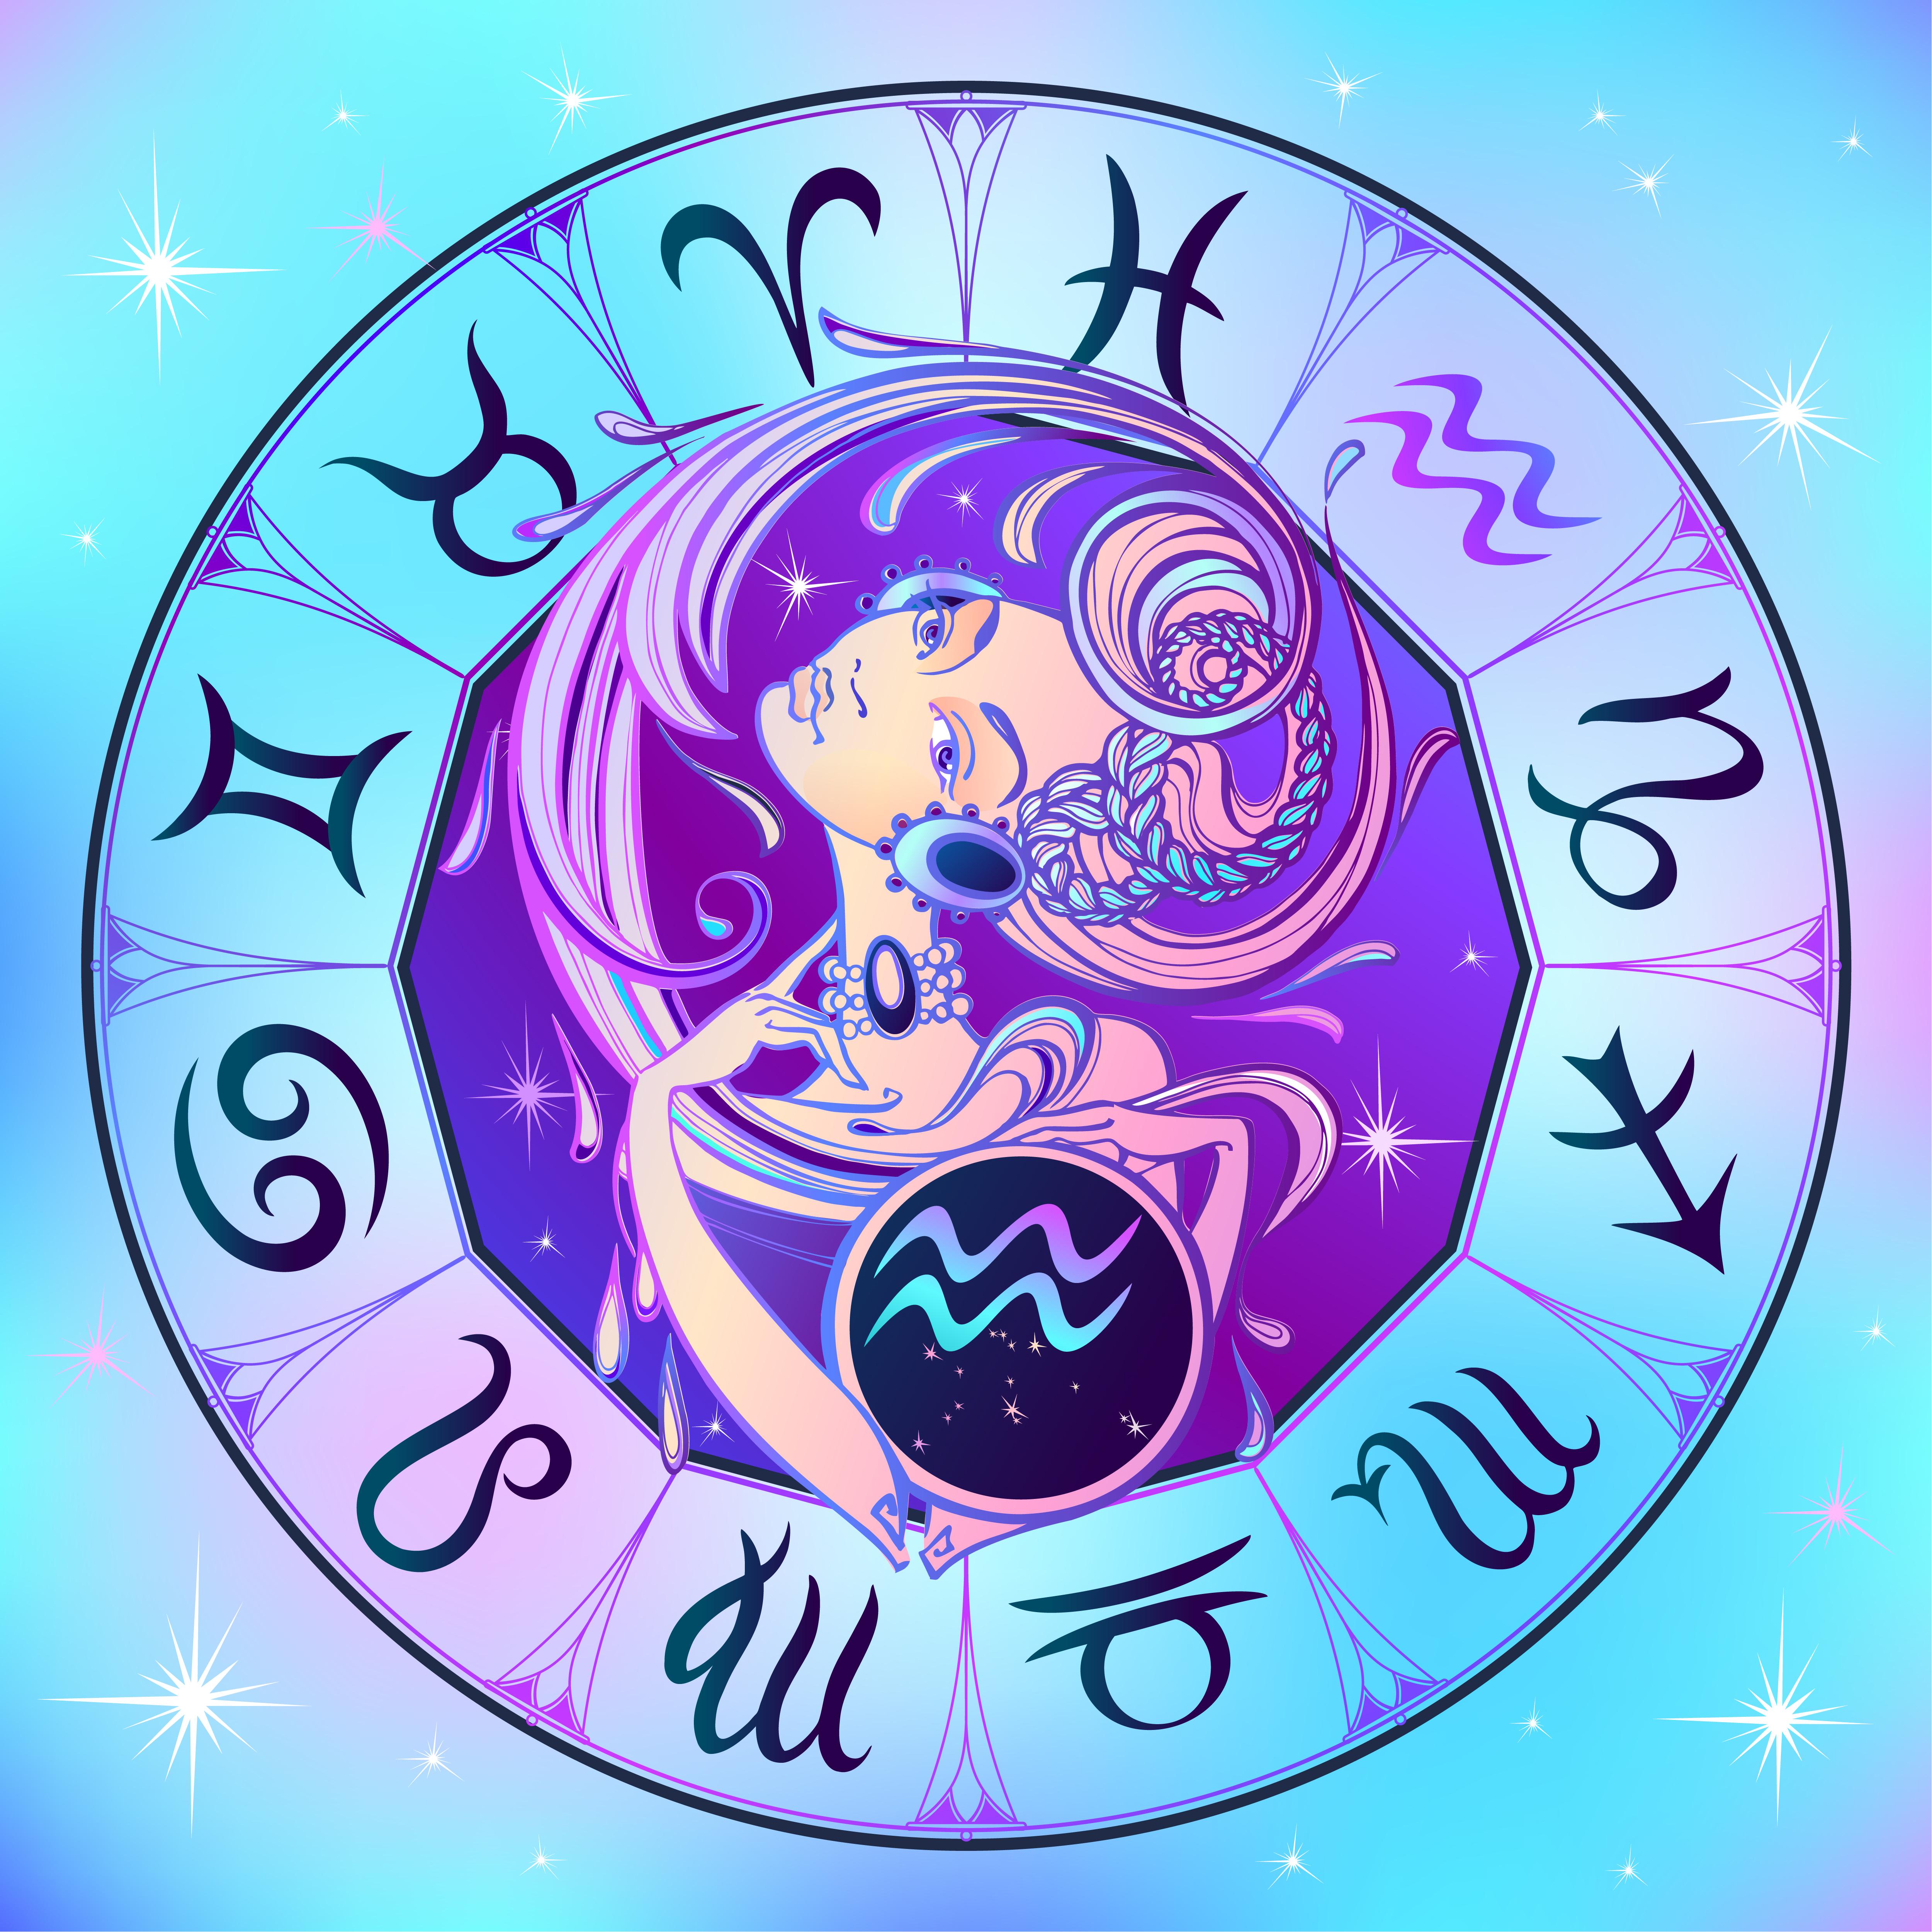 Открытки со знаками зодиака круглые, открытки